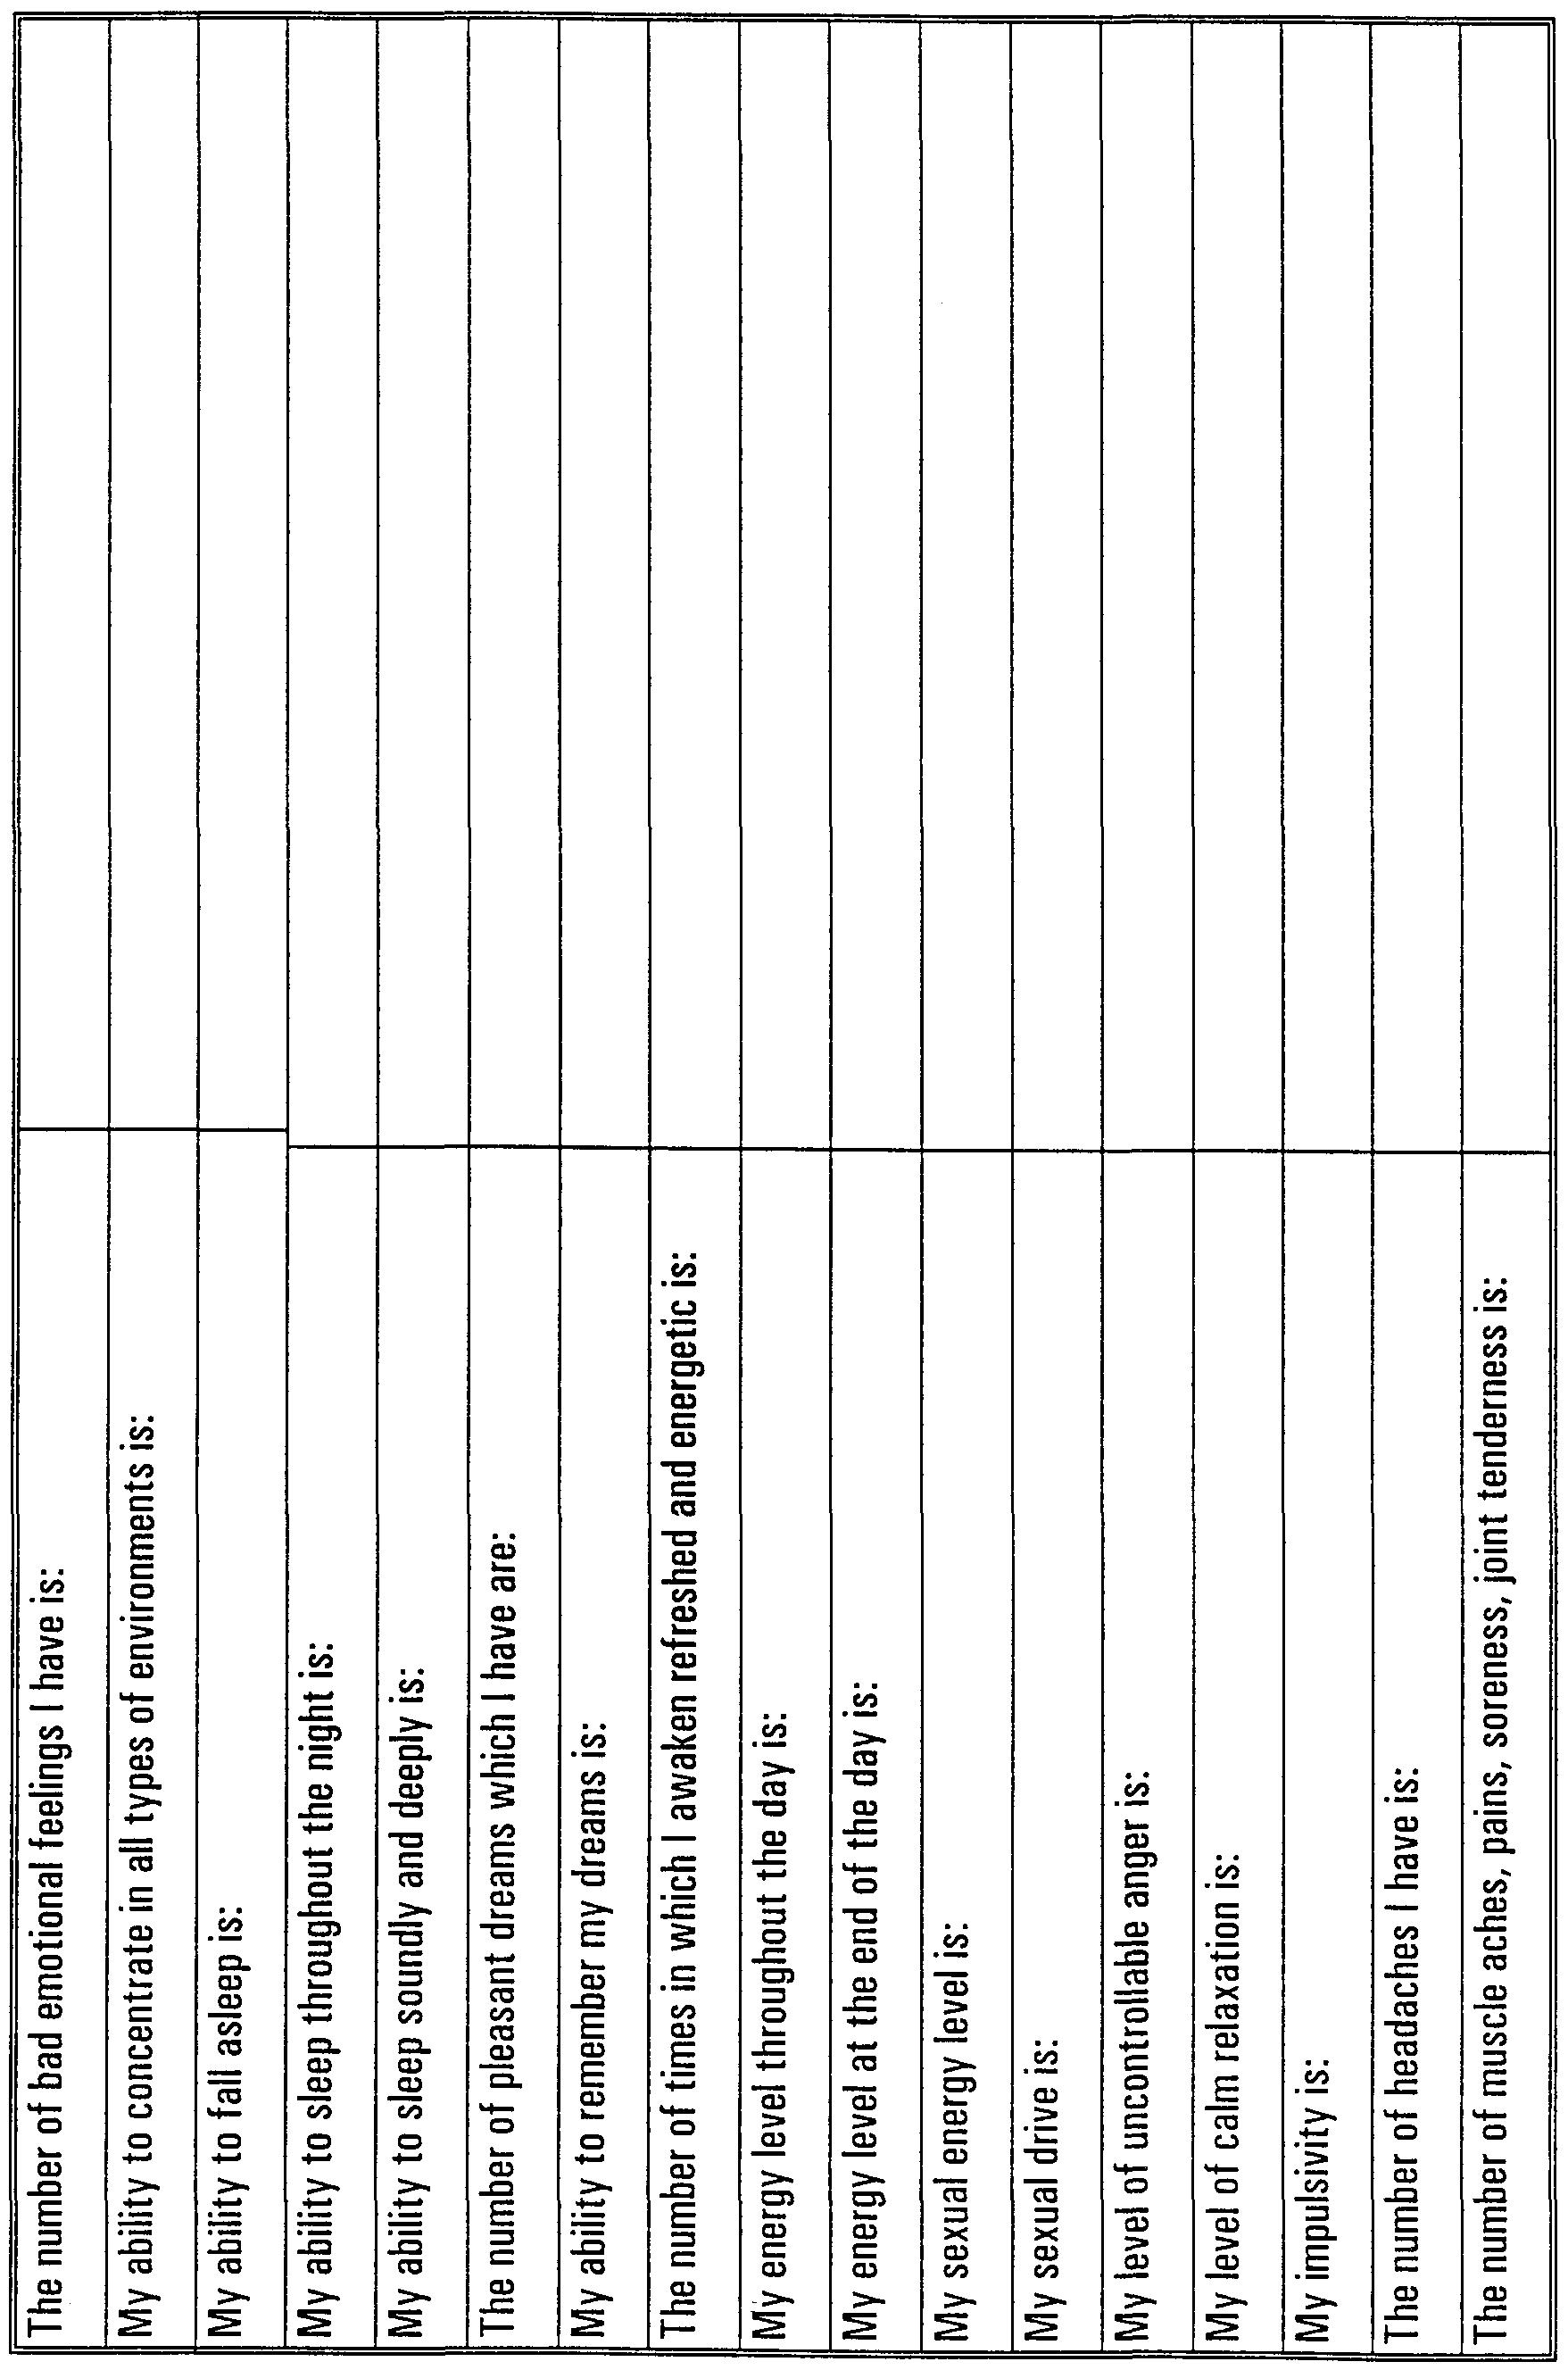 WO1998048785A2 - Allelic polygene diagnosis of reward deficiency ...